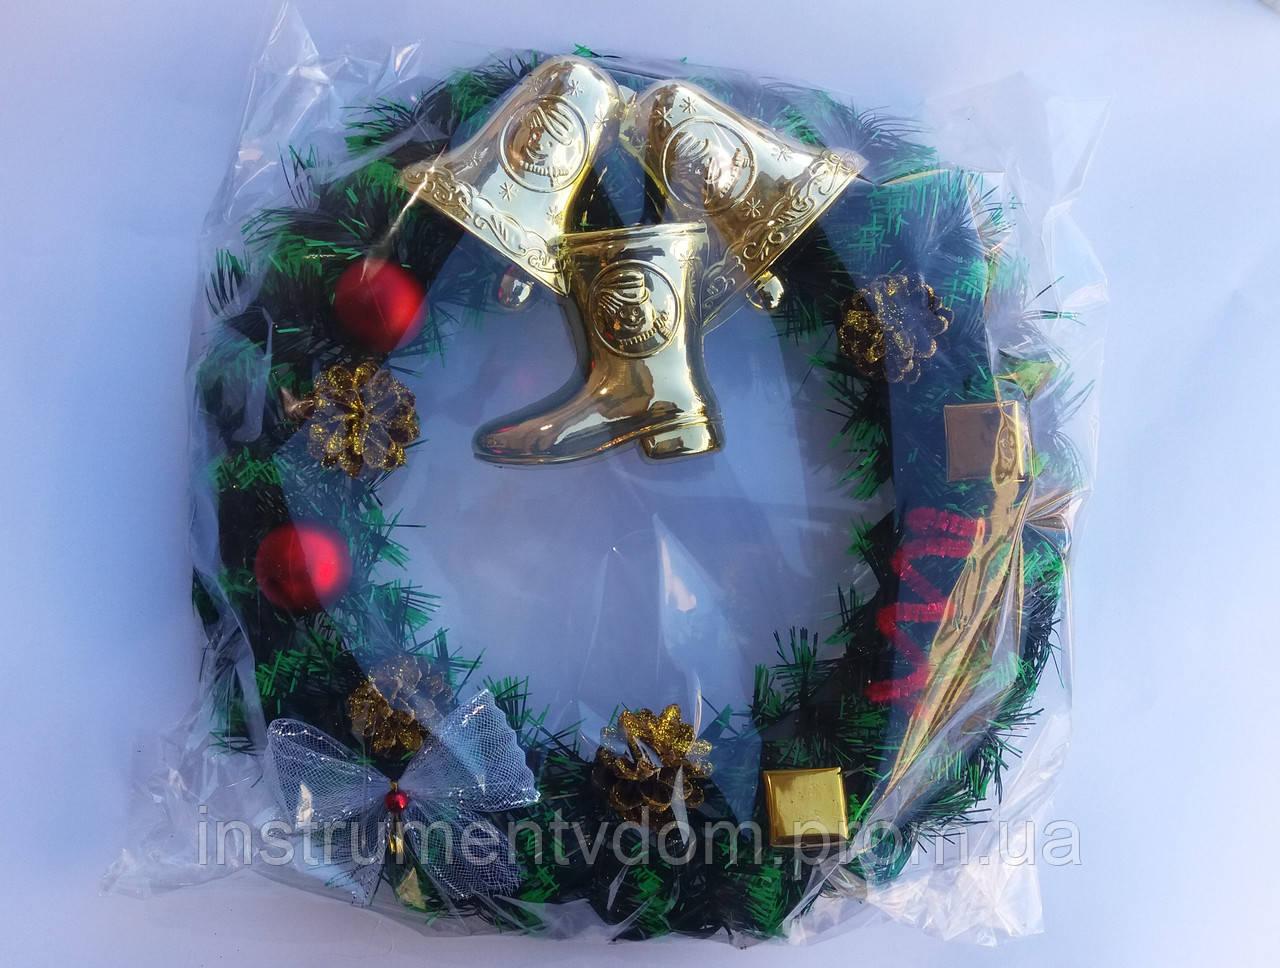 Венок декоративный рождественский их хвои (в упаковке)